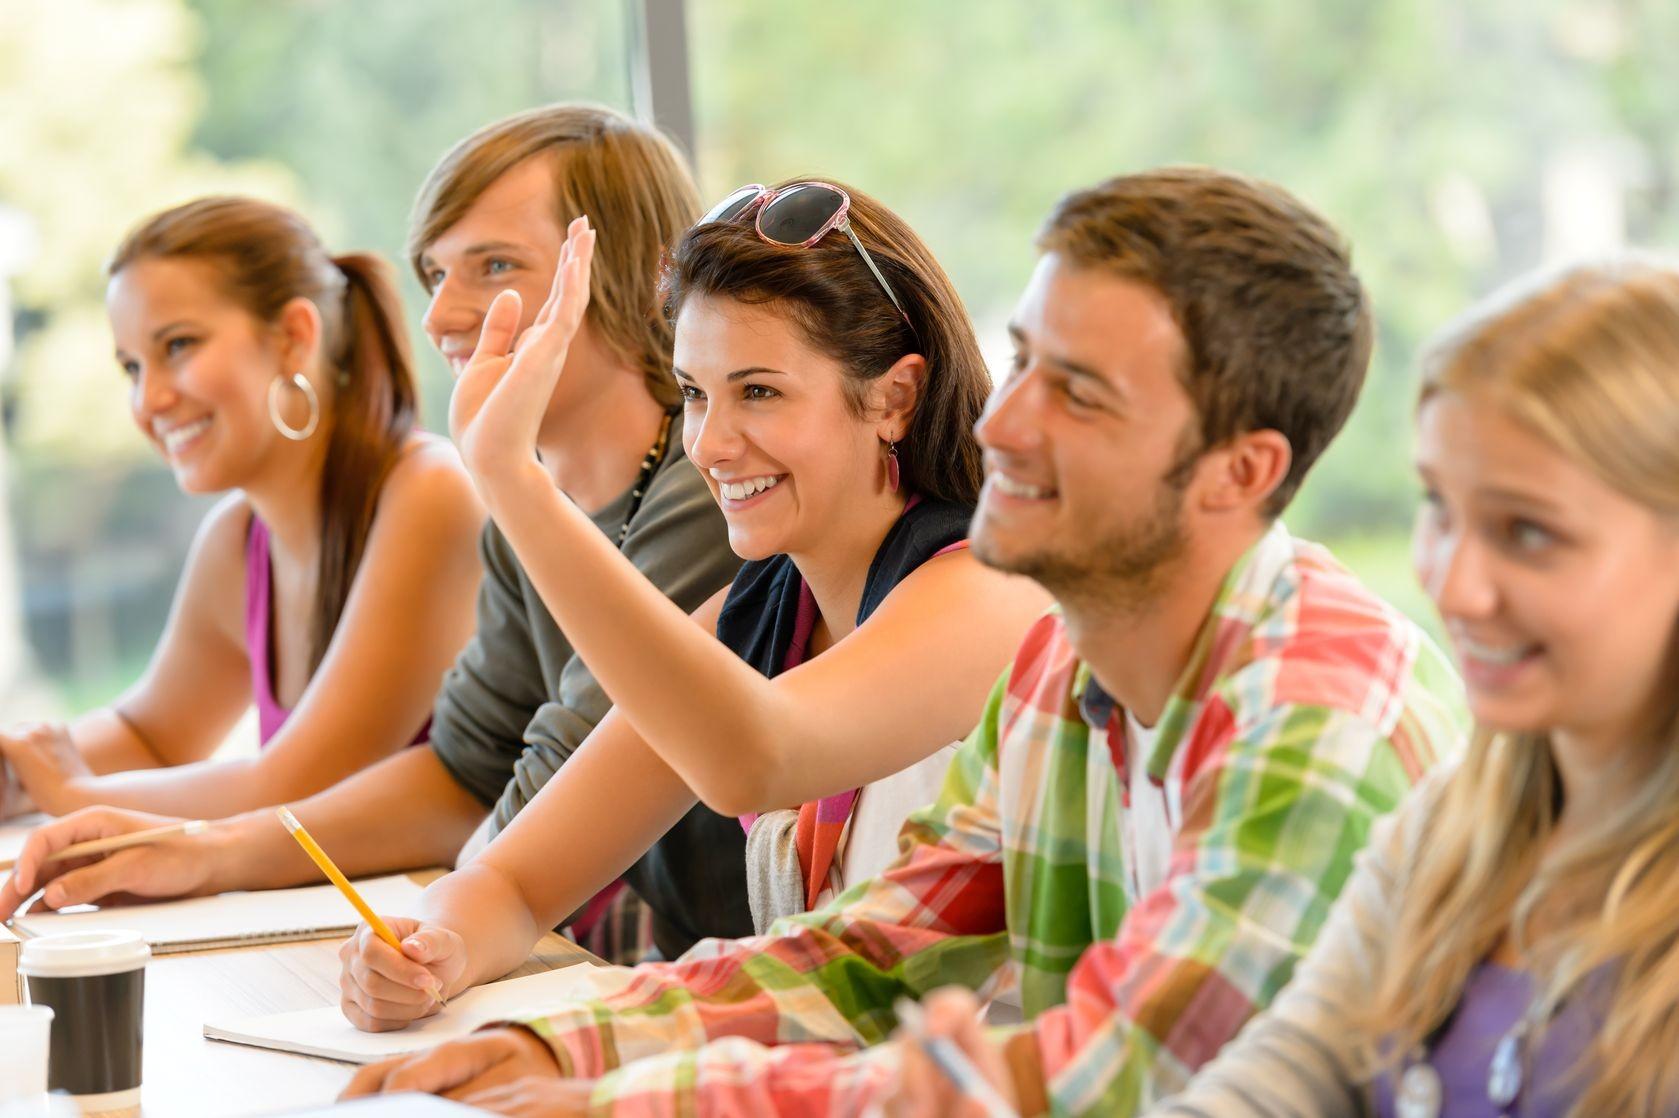 Ученые: взрослые люди лучше усваивают невербальную информацию